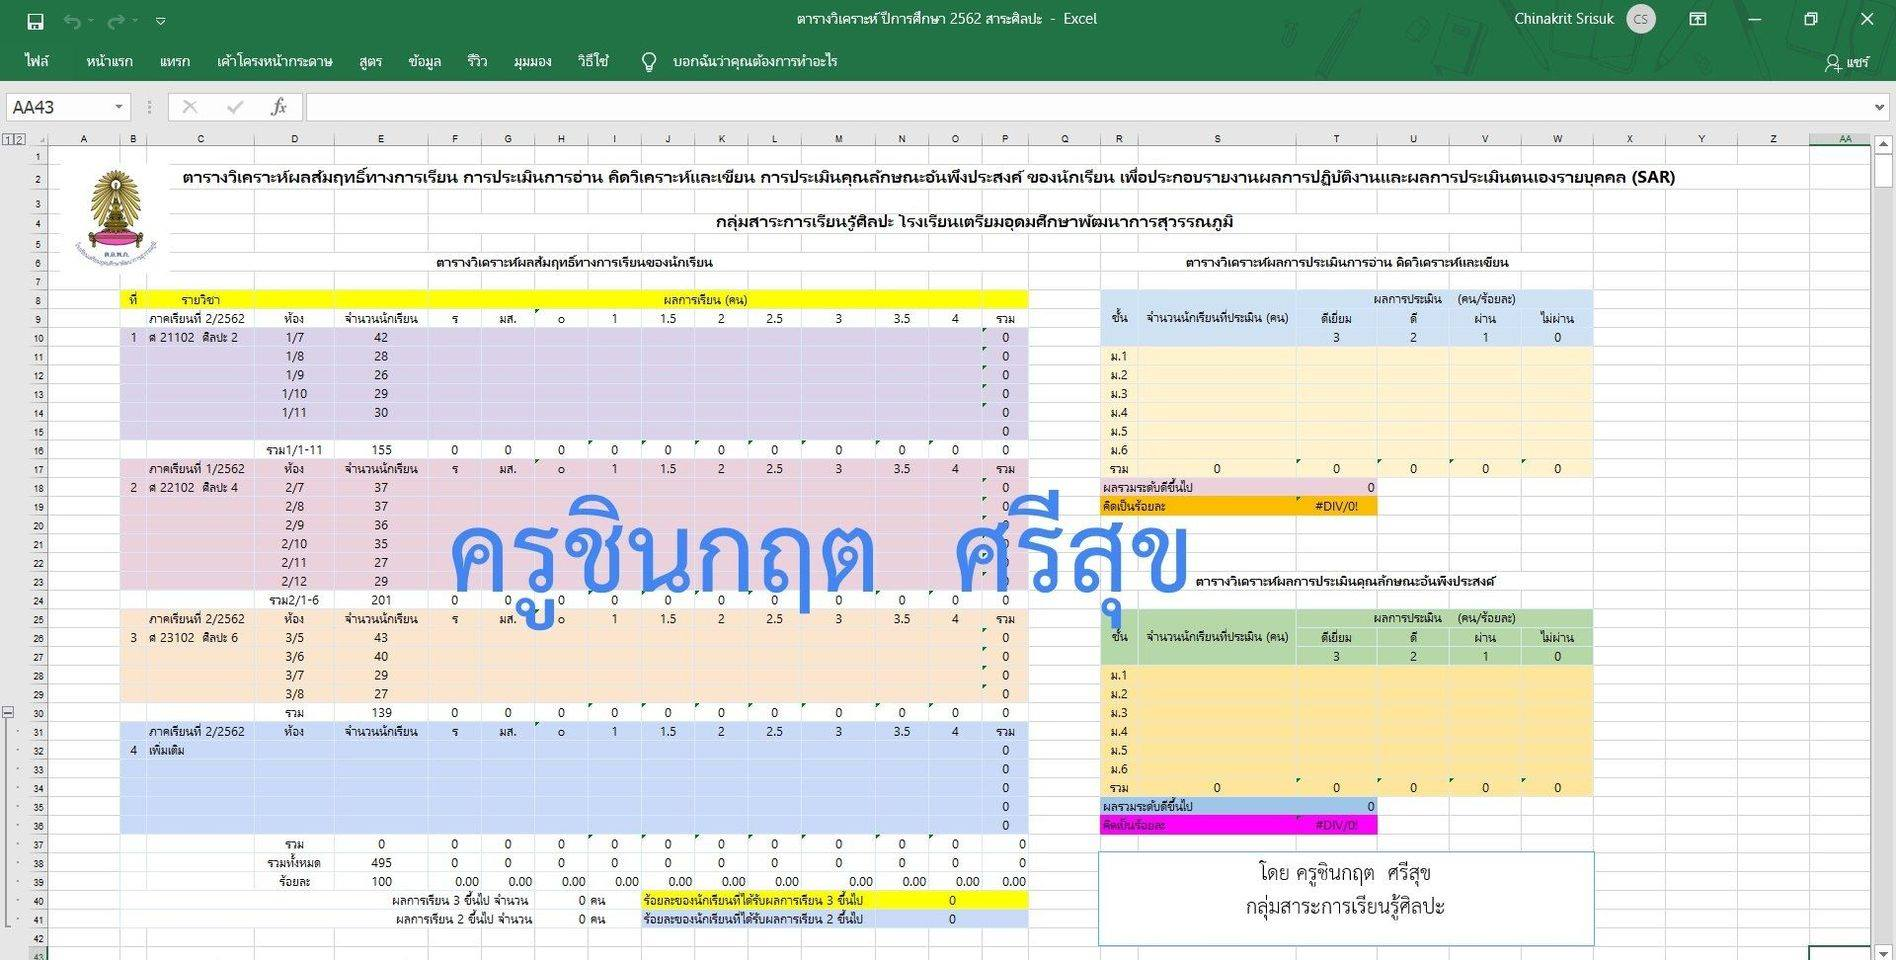 แจกฟรี!! ตารางวิเคราะห์ผลสัมฤทธิ์ทางการเรียนของนักเรียน ประกอบรายงาน SAR โดย Kru.Chinakrit